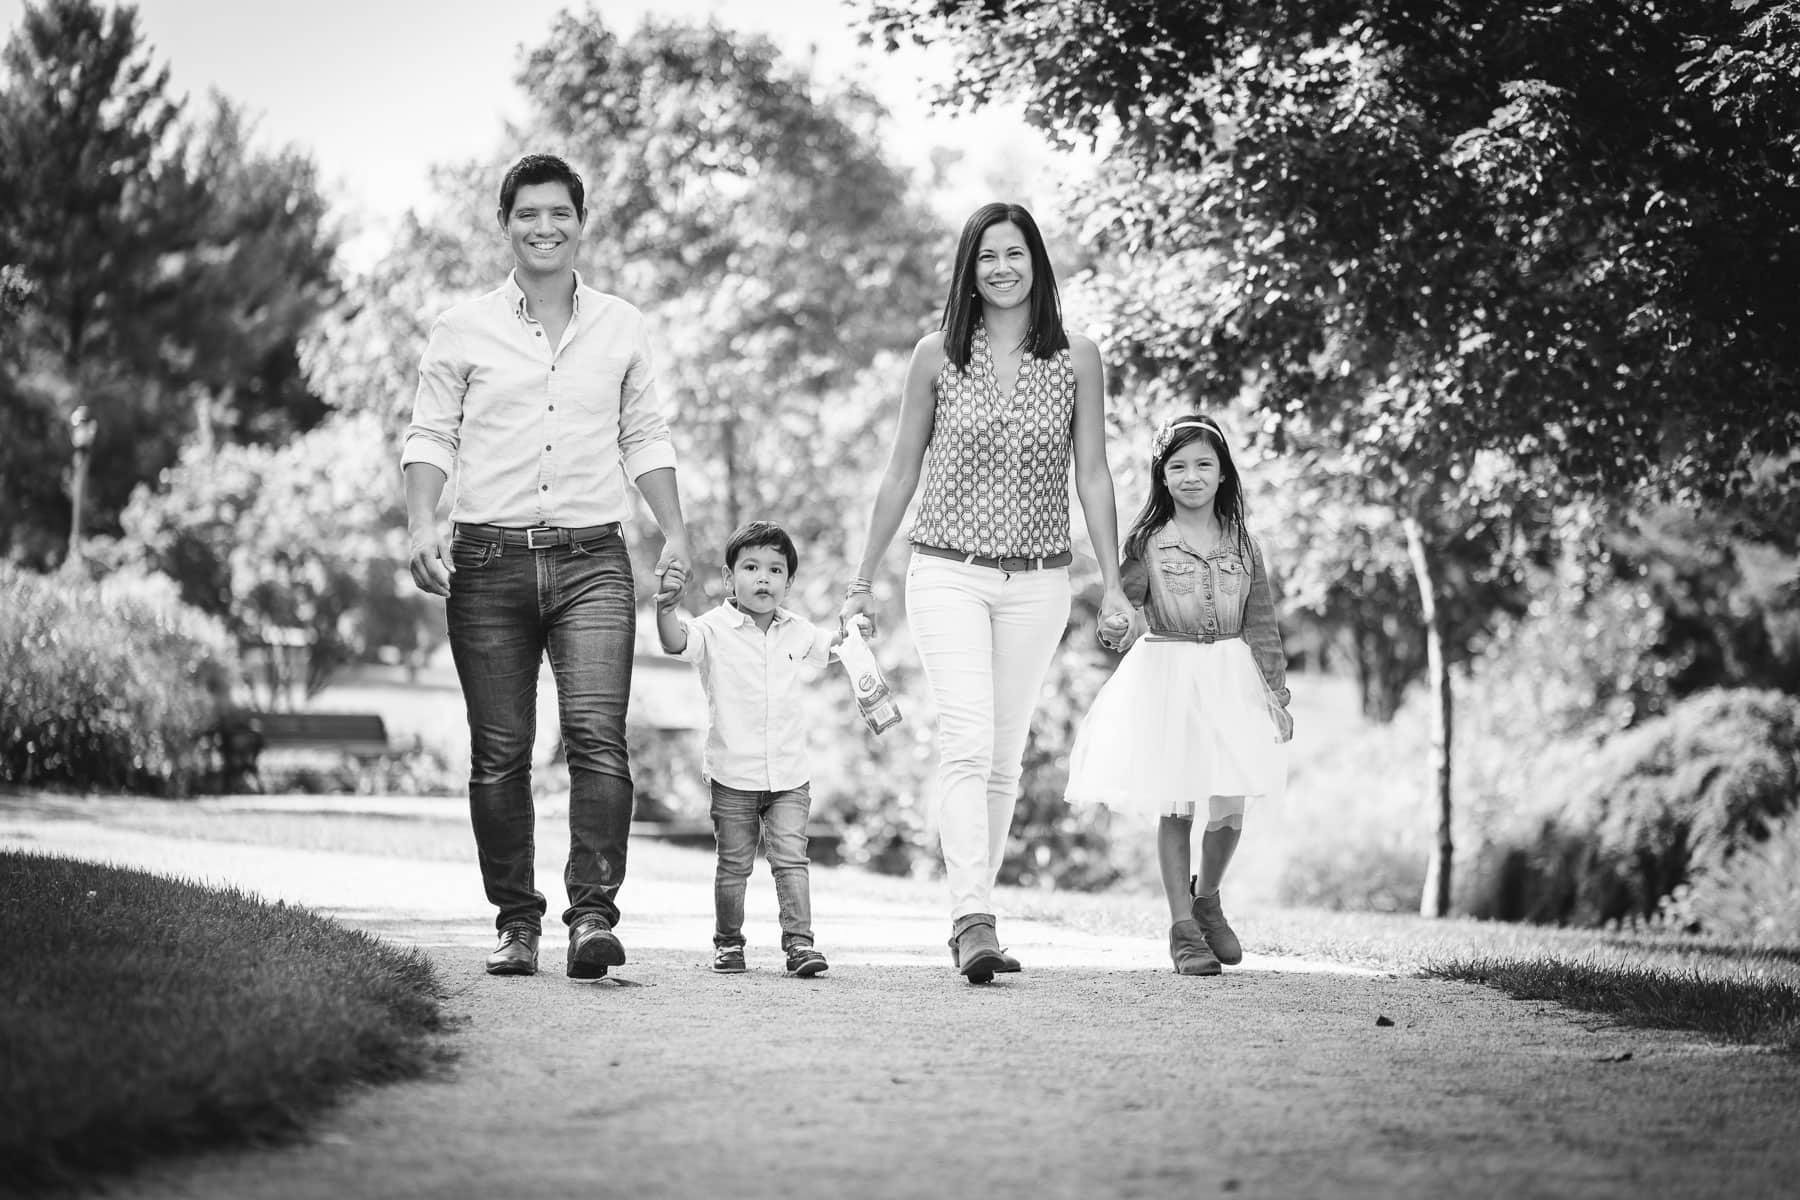 Familienfotograf Lörrach Freiburg Familie läuft